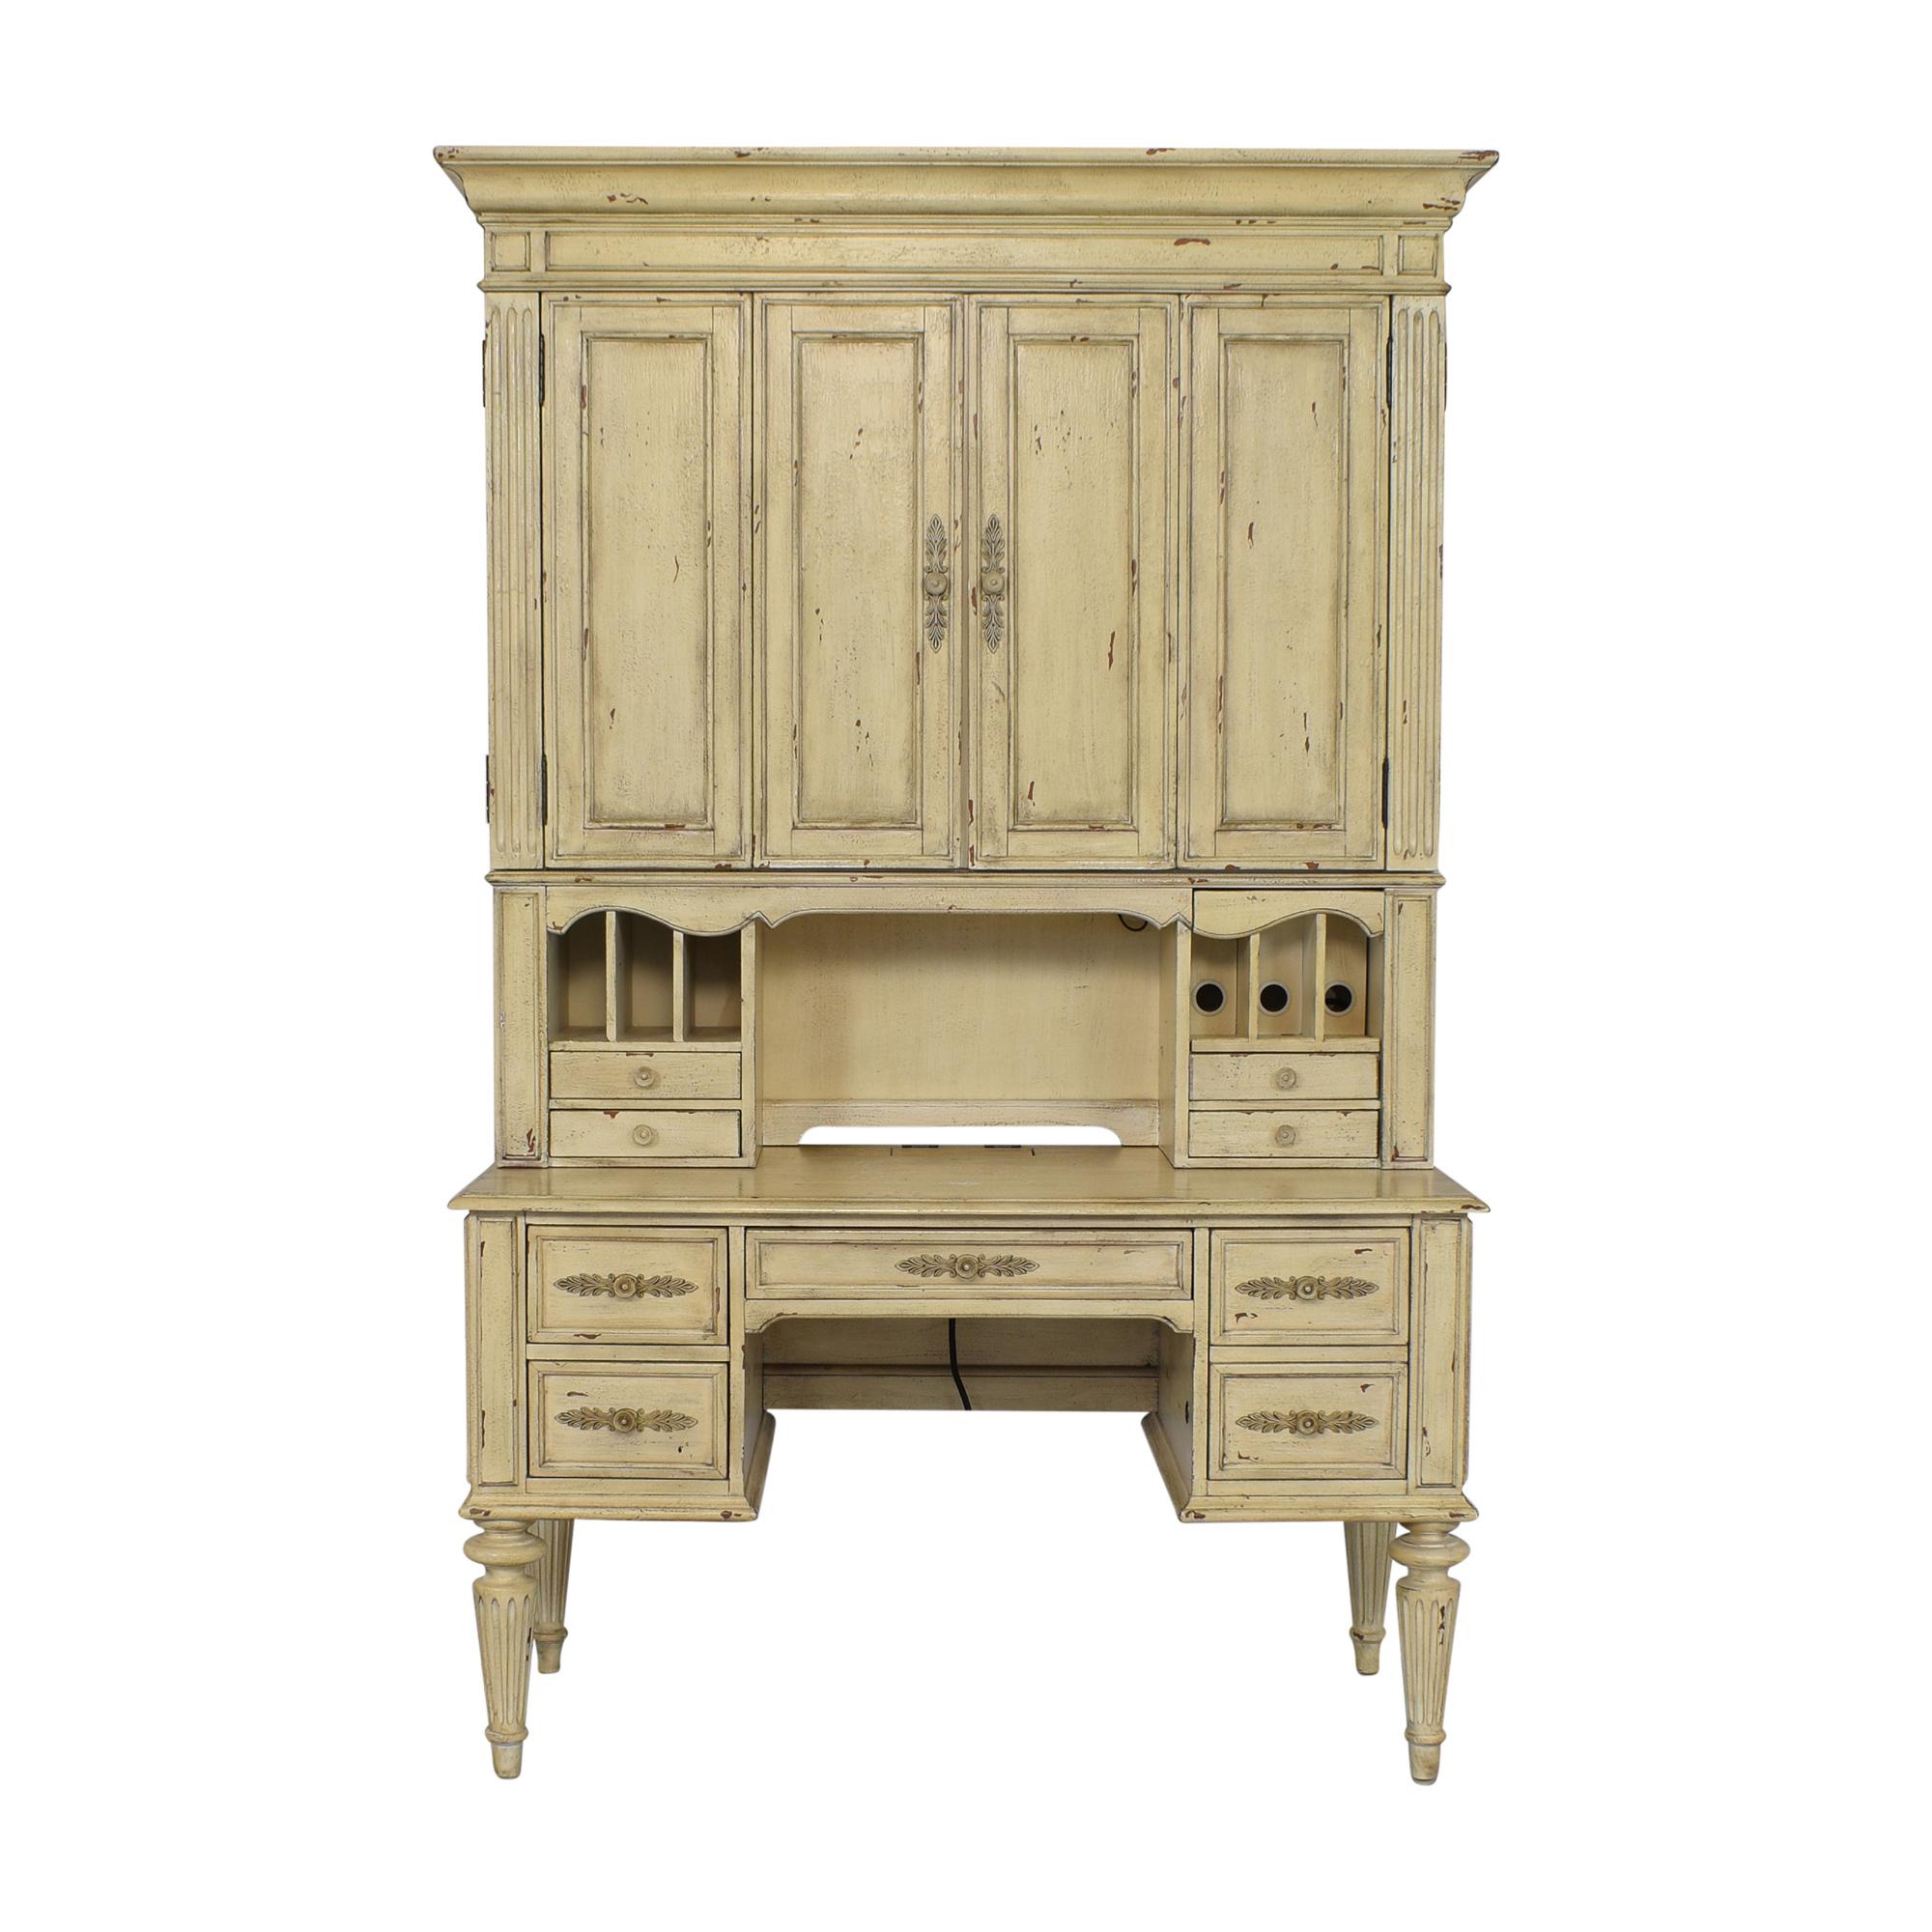 Hooker Furniture Hooker Furniture Desk with Cabinet price